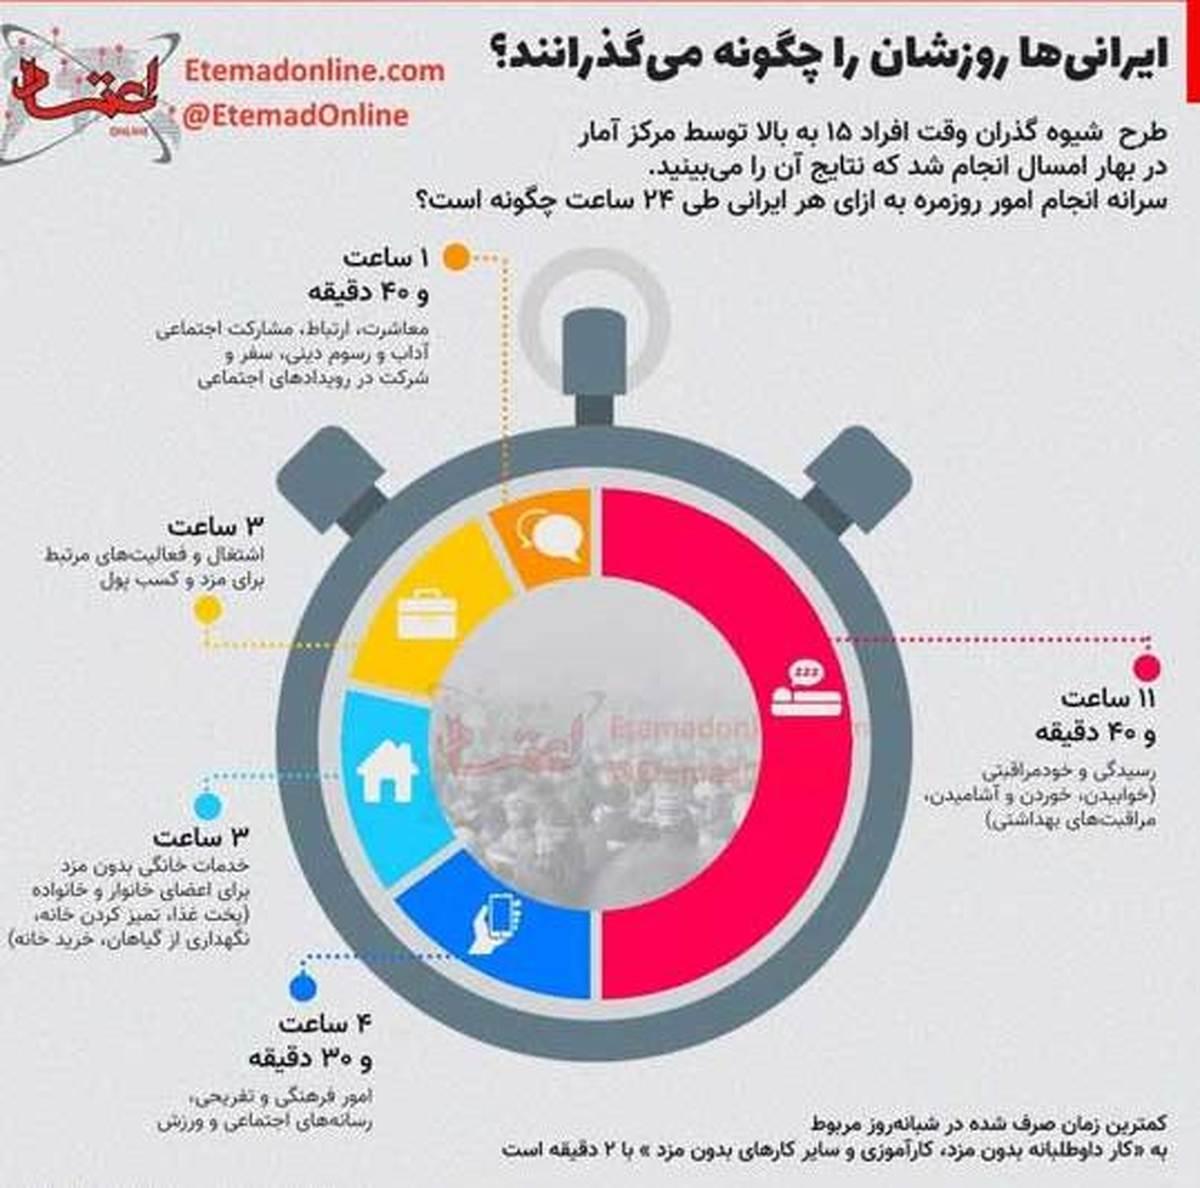 ارقام خیره کننده گذران وقت ایرانیها | 3 ساعت اشتغال برای مزد و کسب پول